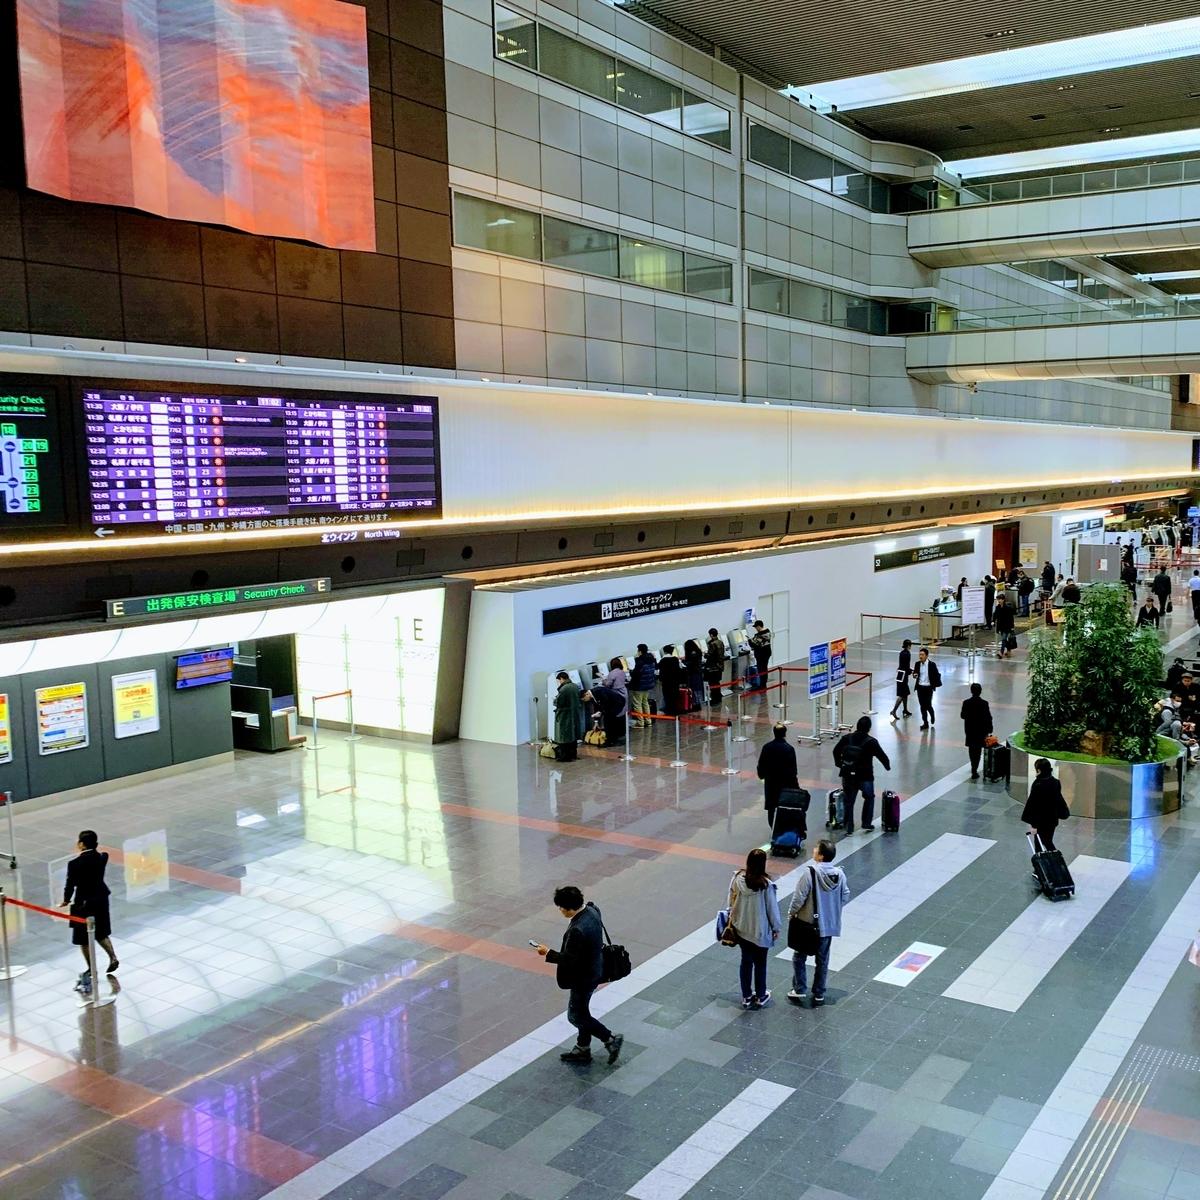 空港に来てもあっち側(保安検査後のエリア)に行けない   エアチャイナフェスタ2019東京